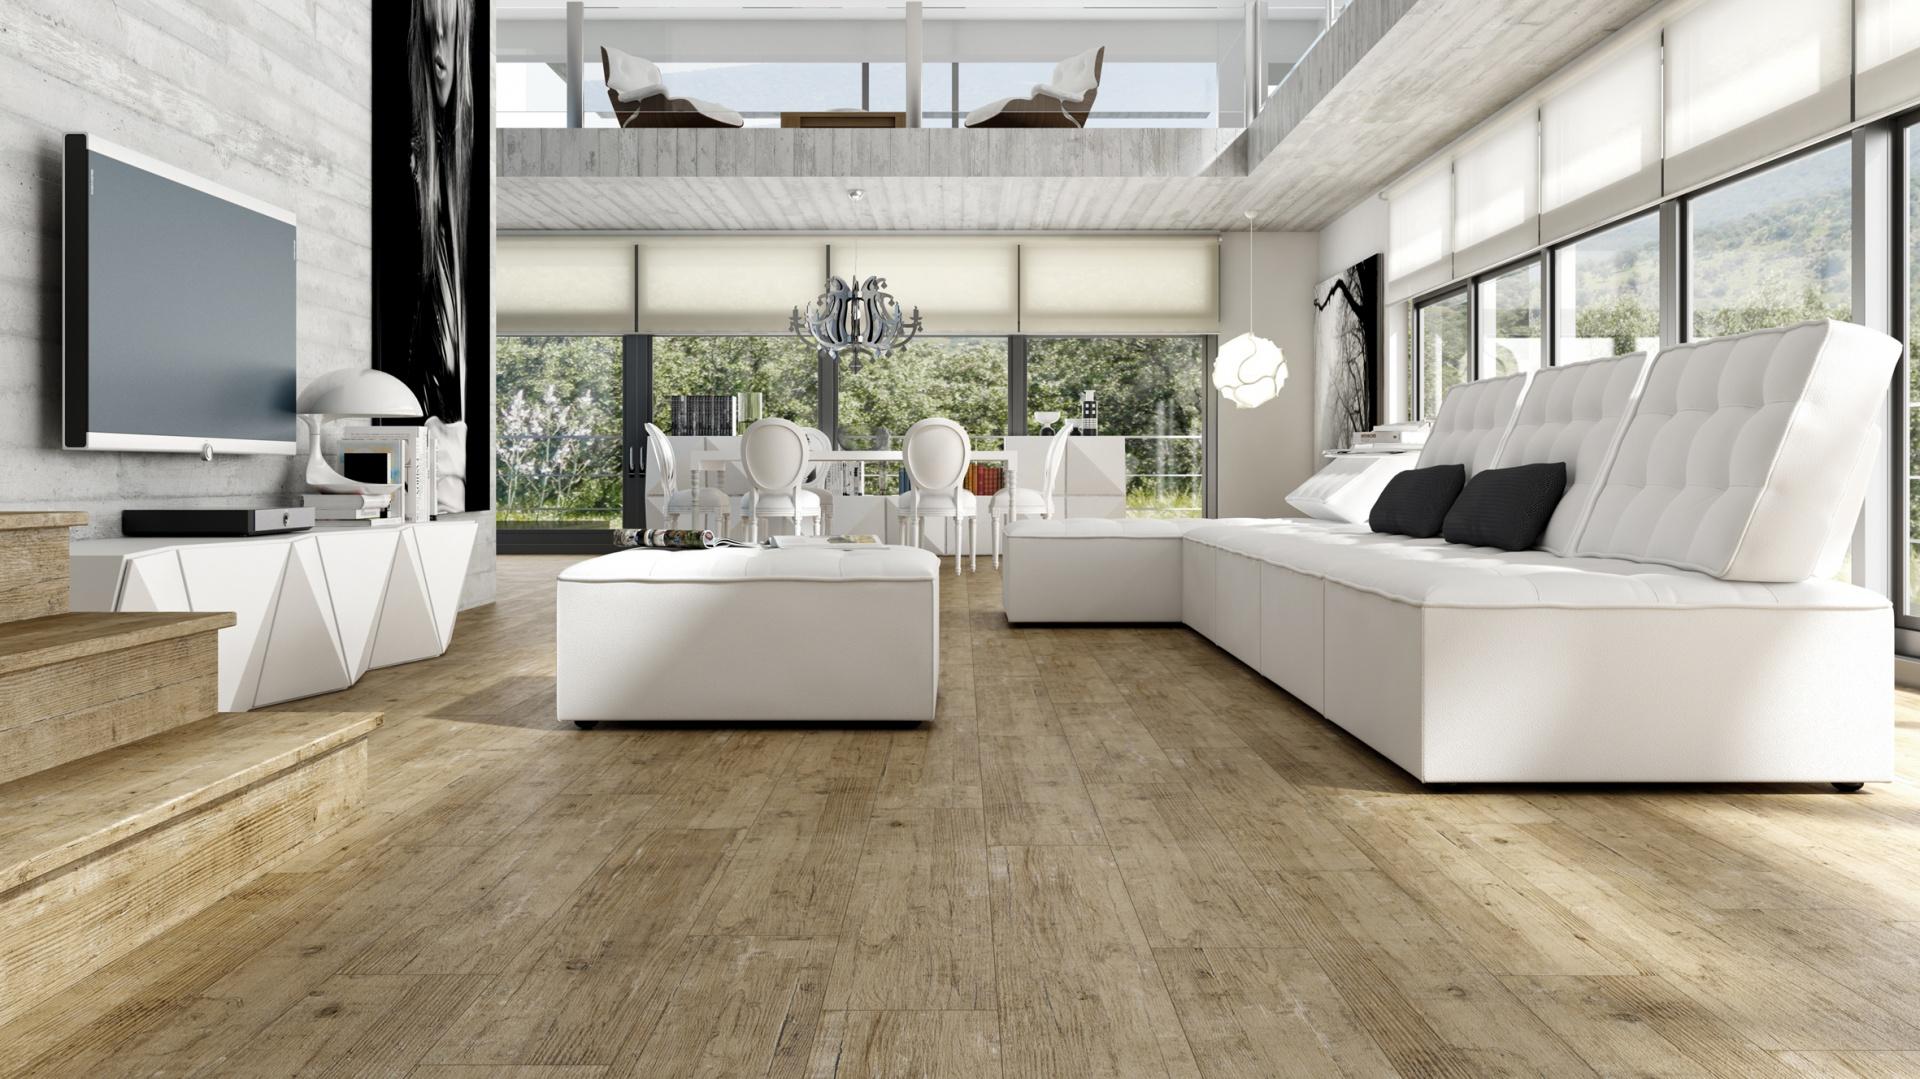 Kolekcja płytek podłogowych Roots marki Land Porcelanico imitujące drewno w jasnym kolorze. Fot. Land Porcelanico.